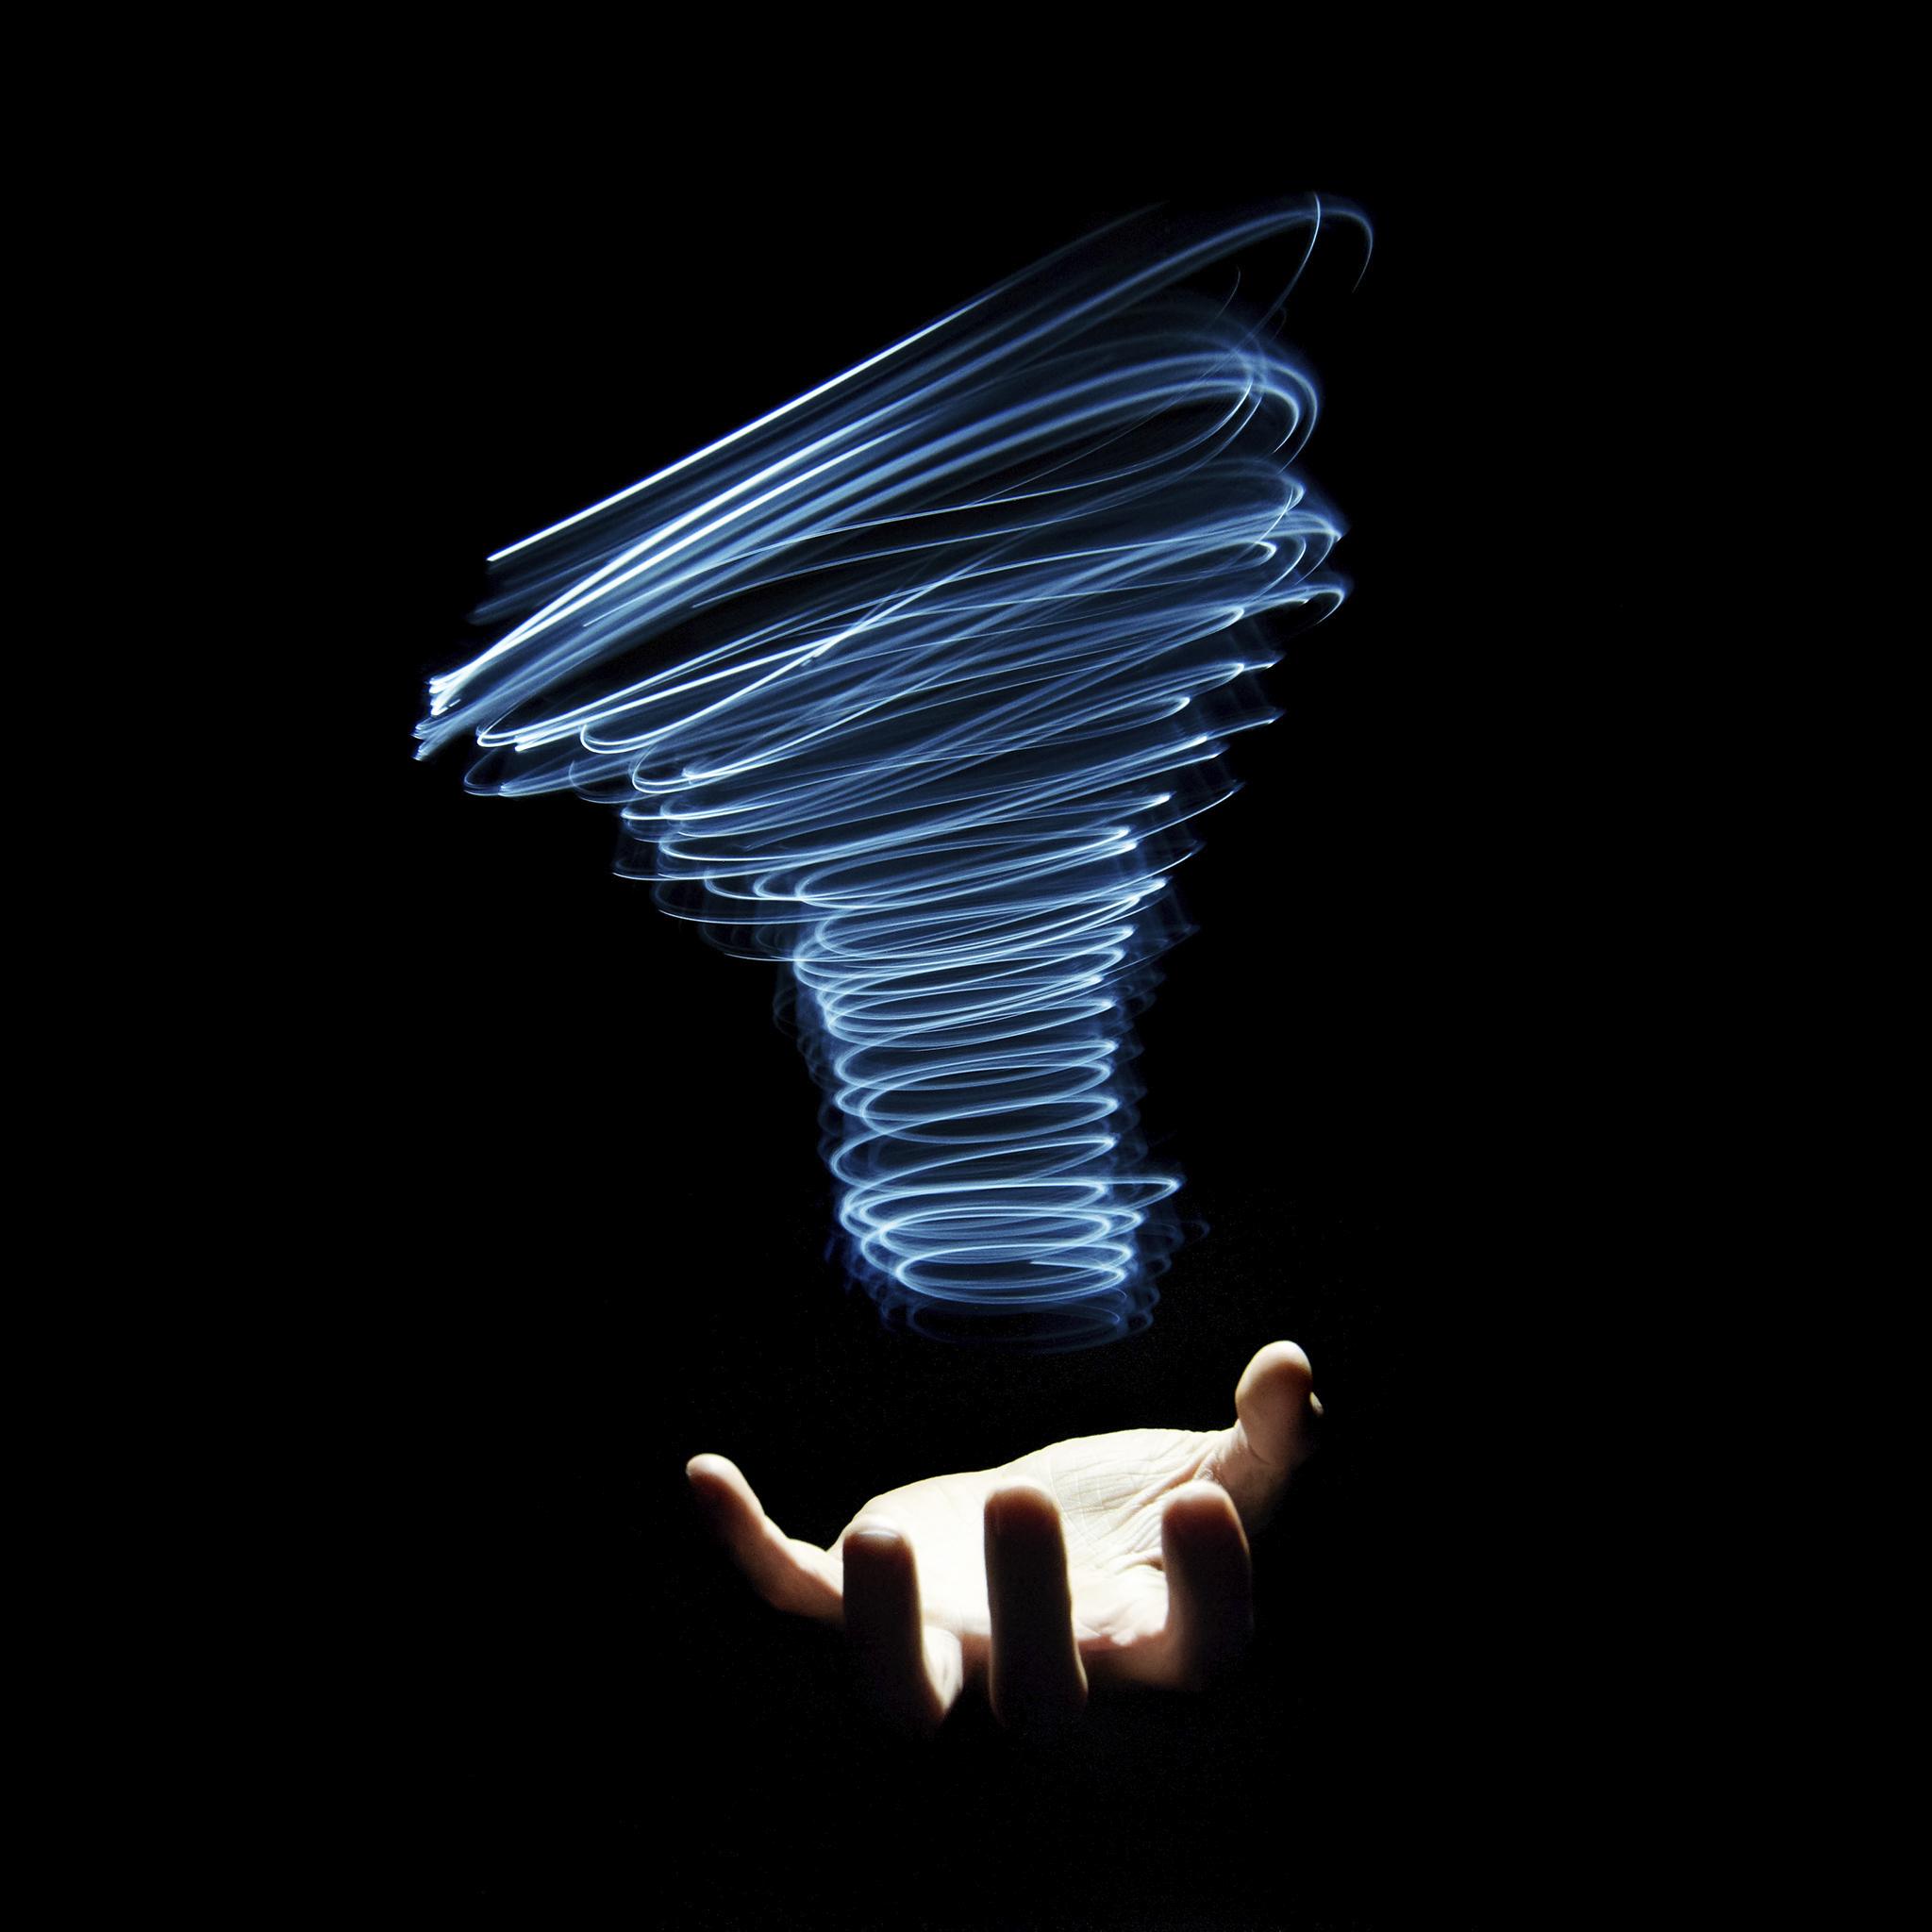 Tornado & Hand